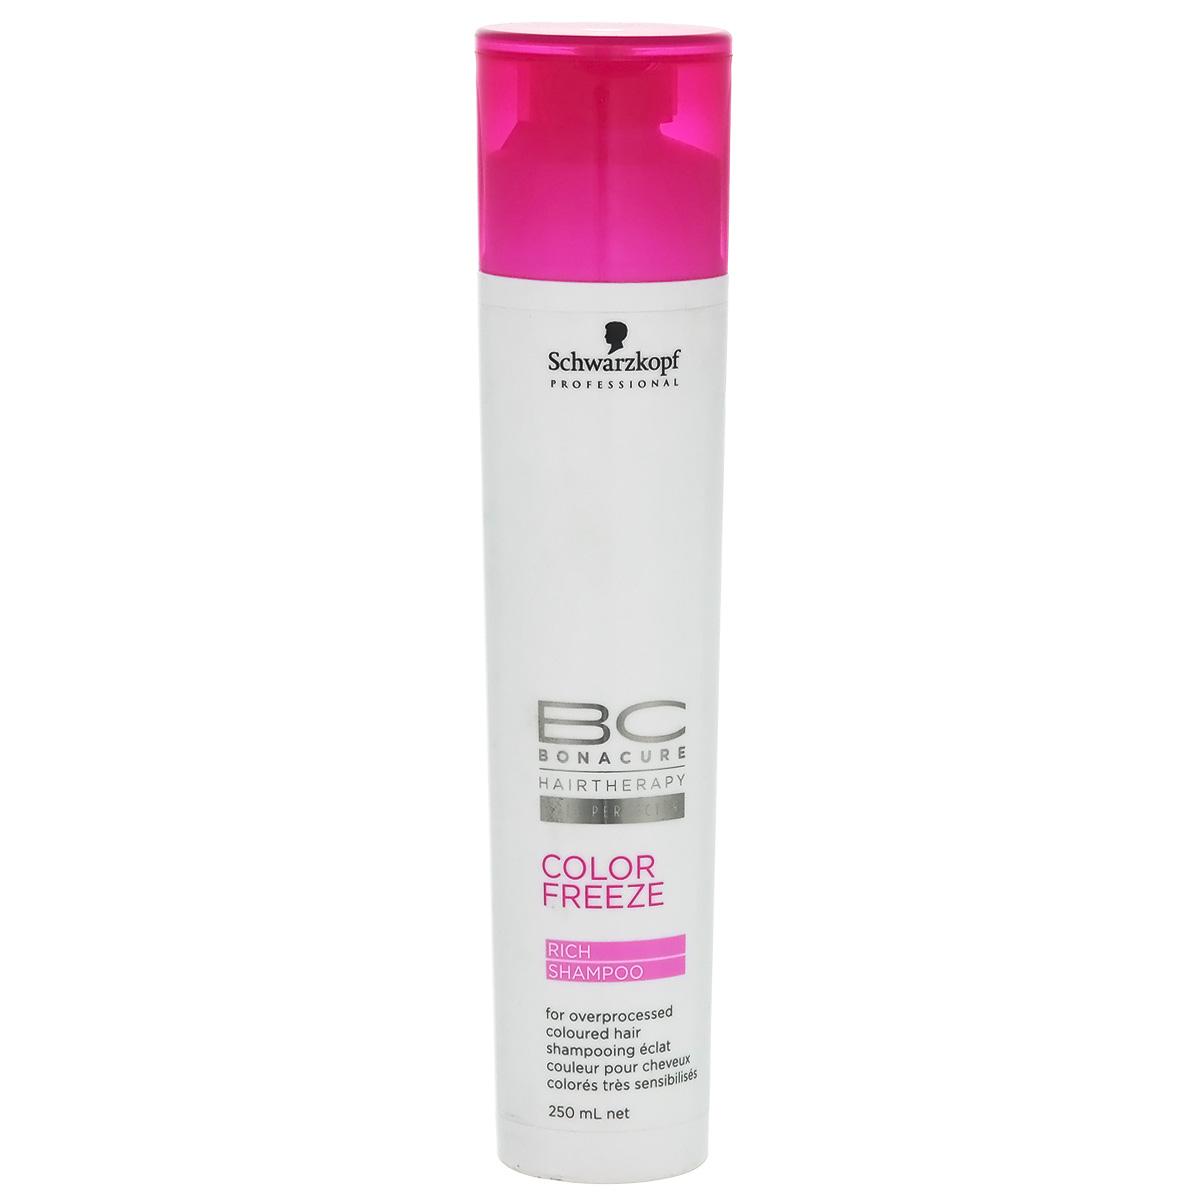 Bonacure Шампунь для волос Сияние Цвета Color Freeze Rich Shampoo 250 млAC-1121RDОбогащенный шампунь, деликатно и эффективно очищает окрашенные волосы и кожу головы. Укрепляет структуру волос и удерживает оптимальный уровень pH 4.5, запечатывает окрашенные волосы и сводит к нулю потерю цвета. Для окрашенных волос. Для достижения максимального результата рекомендуется использовать в комплексе с продуктами ухода линии BC Color Freeze.